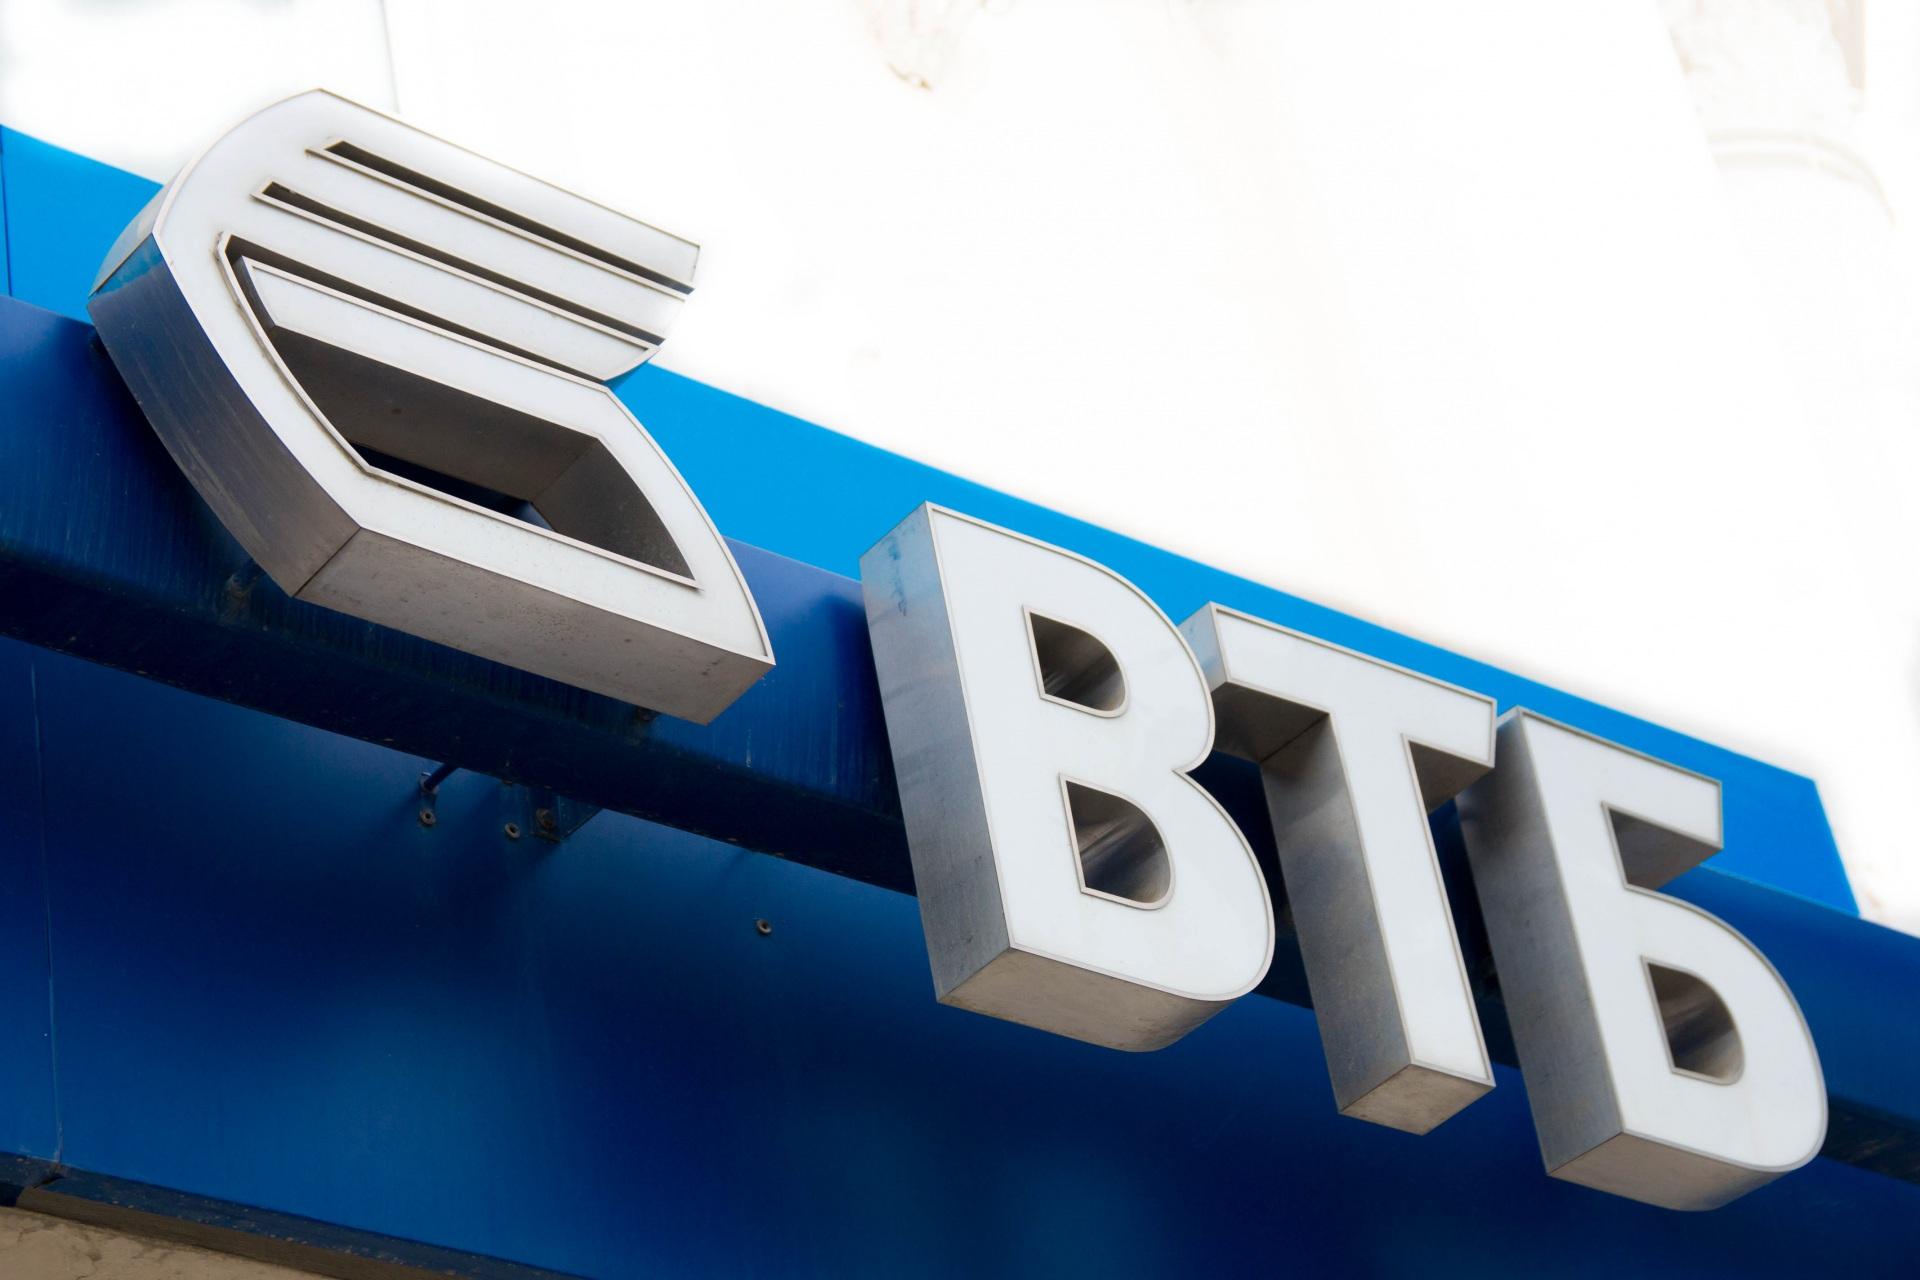 втб банк онлайн брокер втб банк челябинск кредит наличными